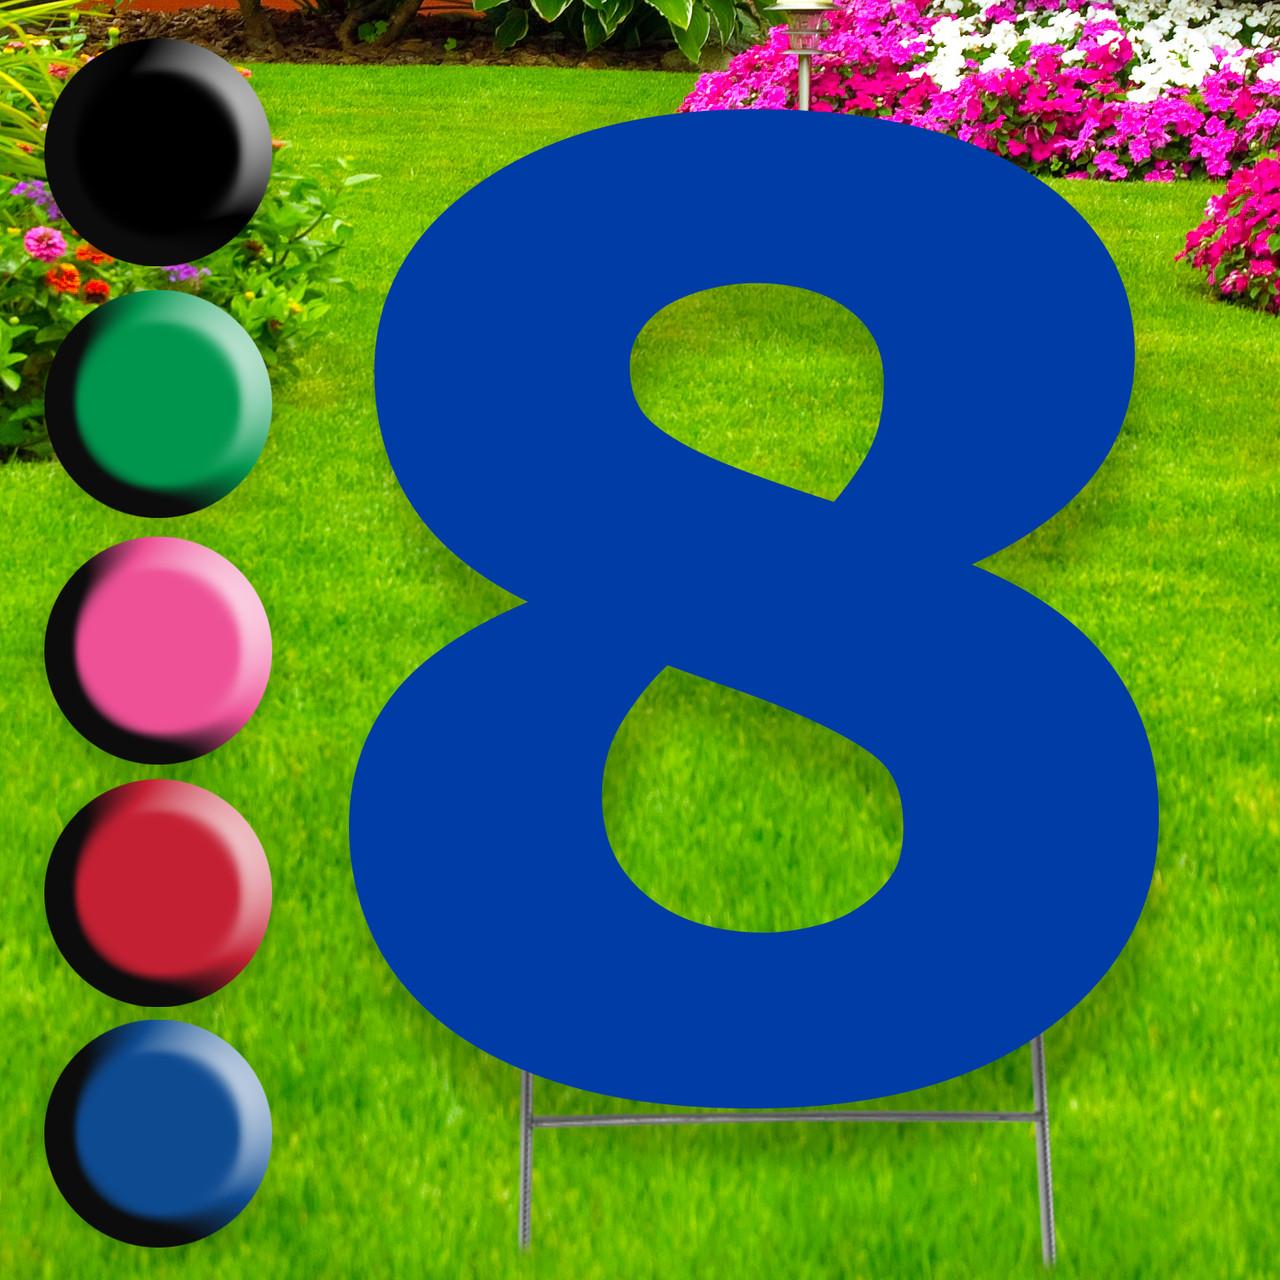 Number 8 yard sign